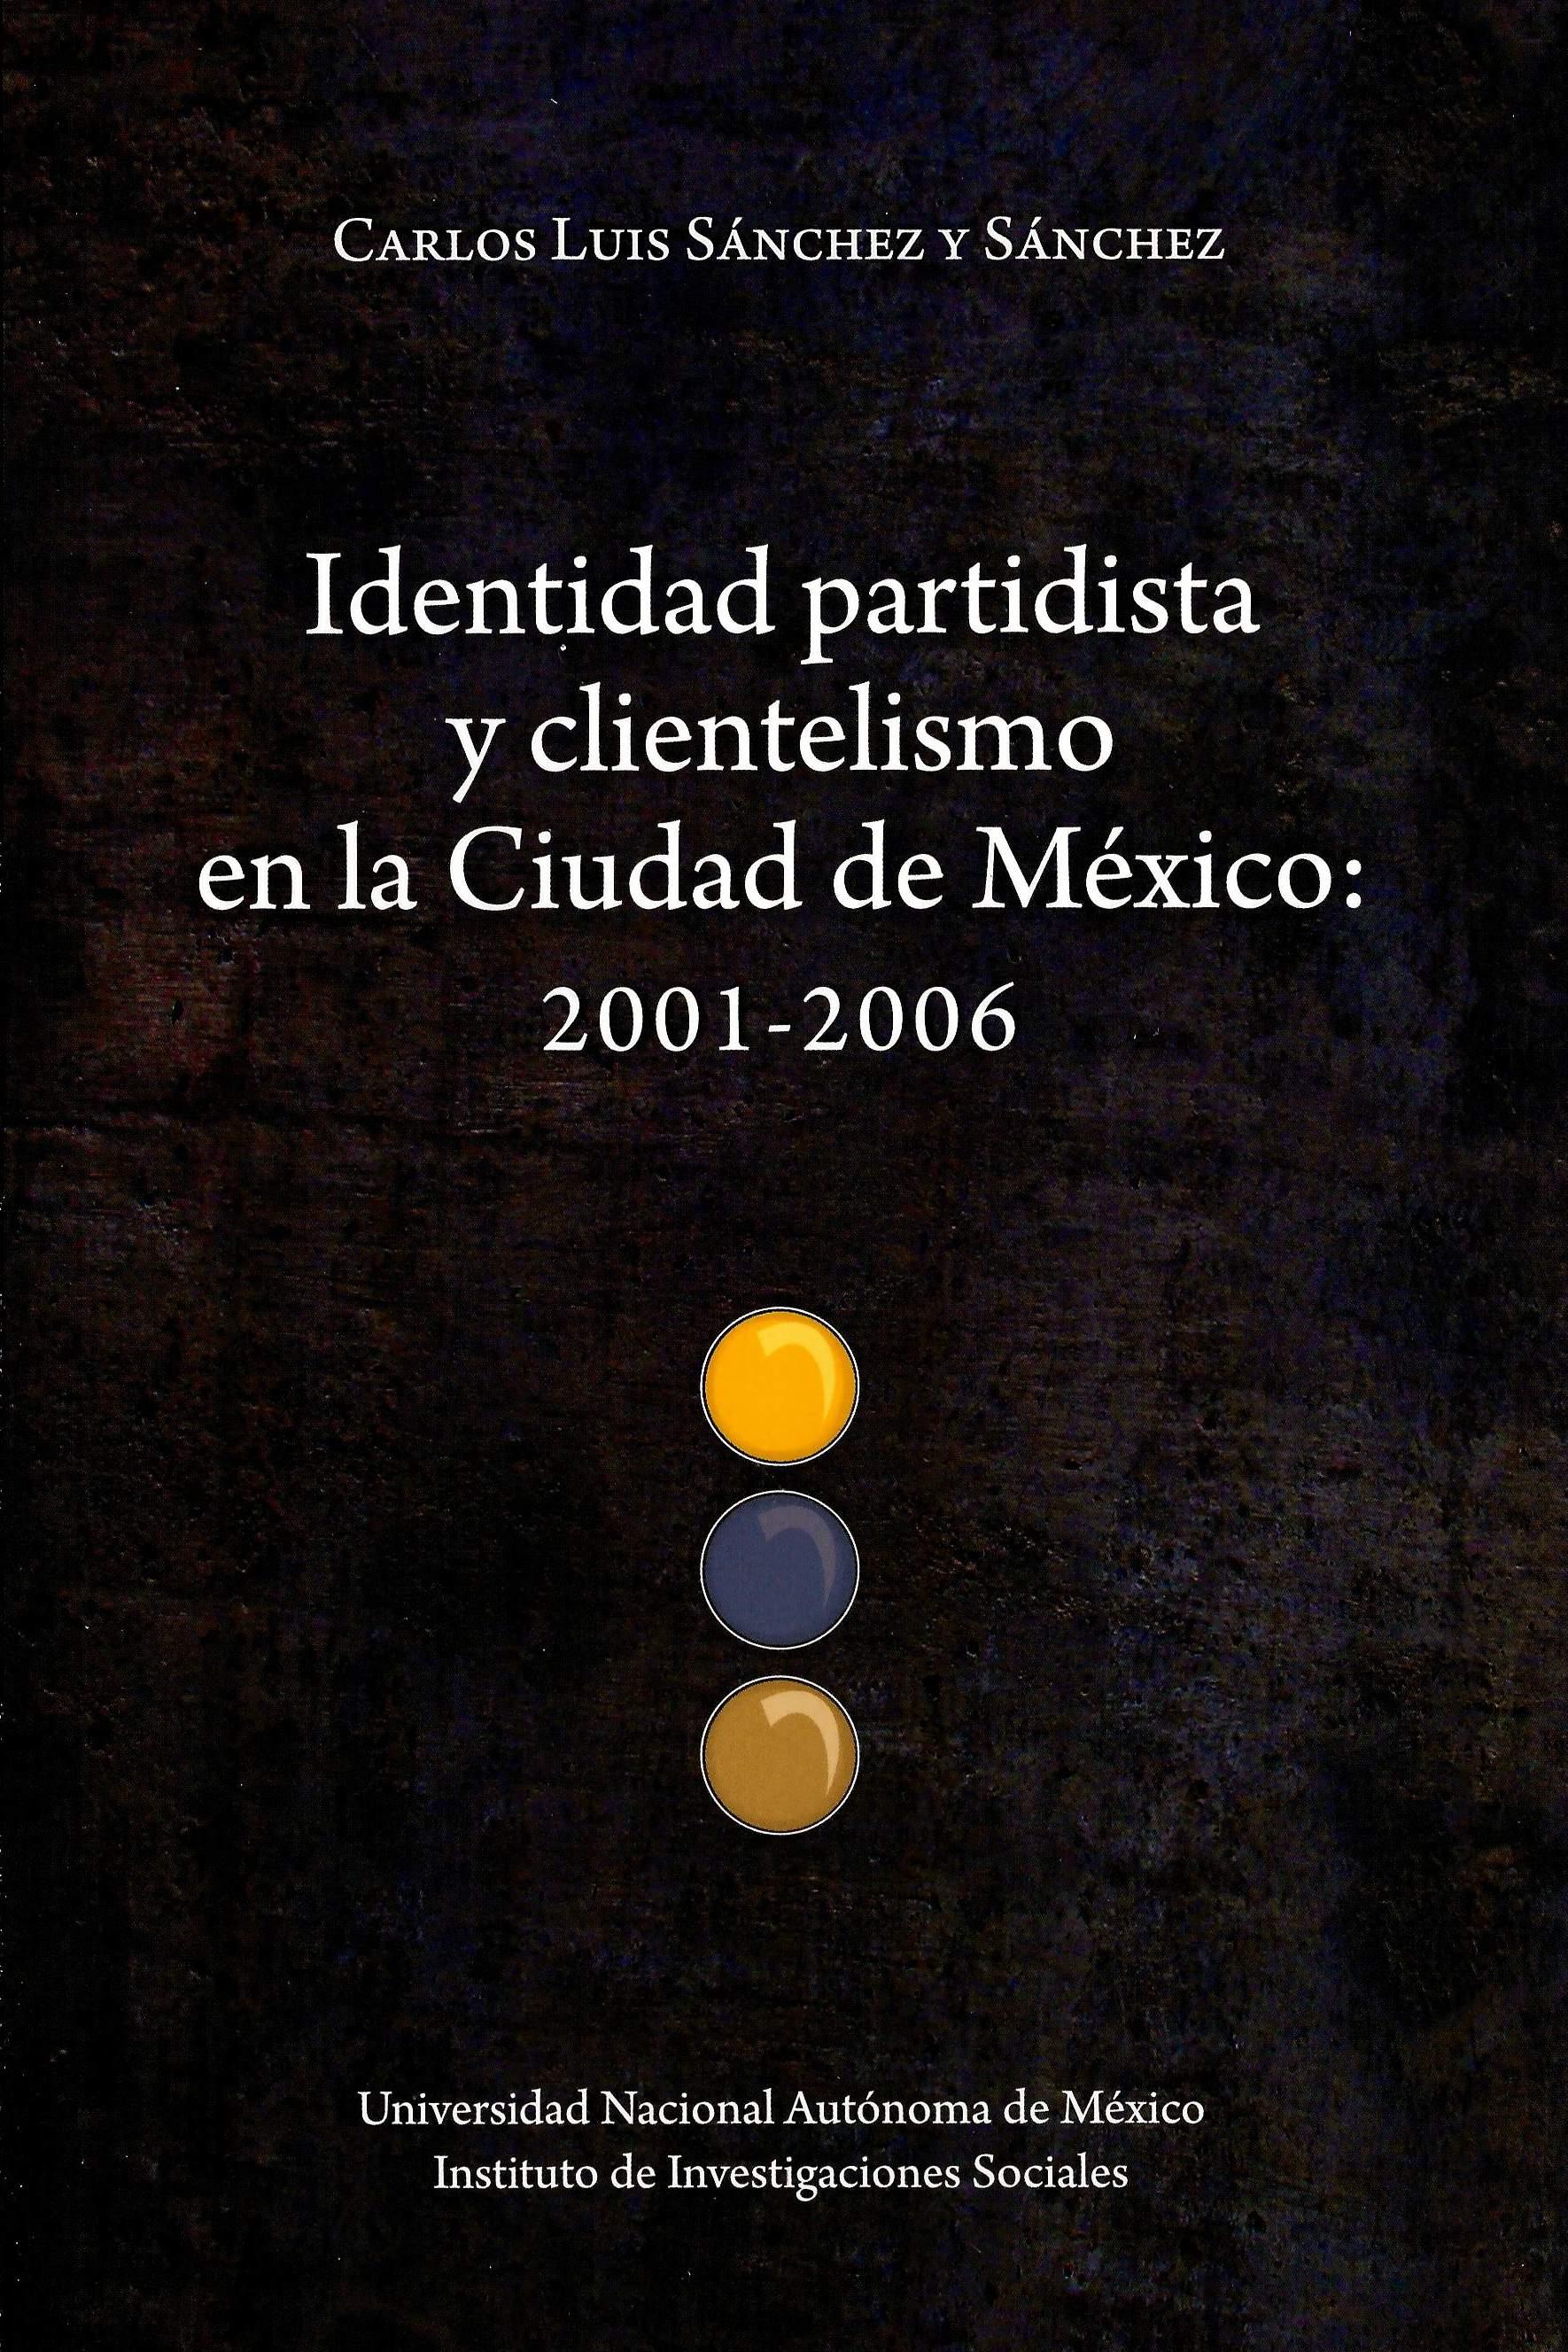 Identidad partidista y clientelismo en la Ciudad de México: 2001-2006